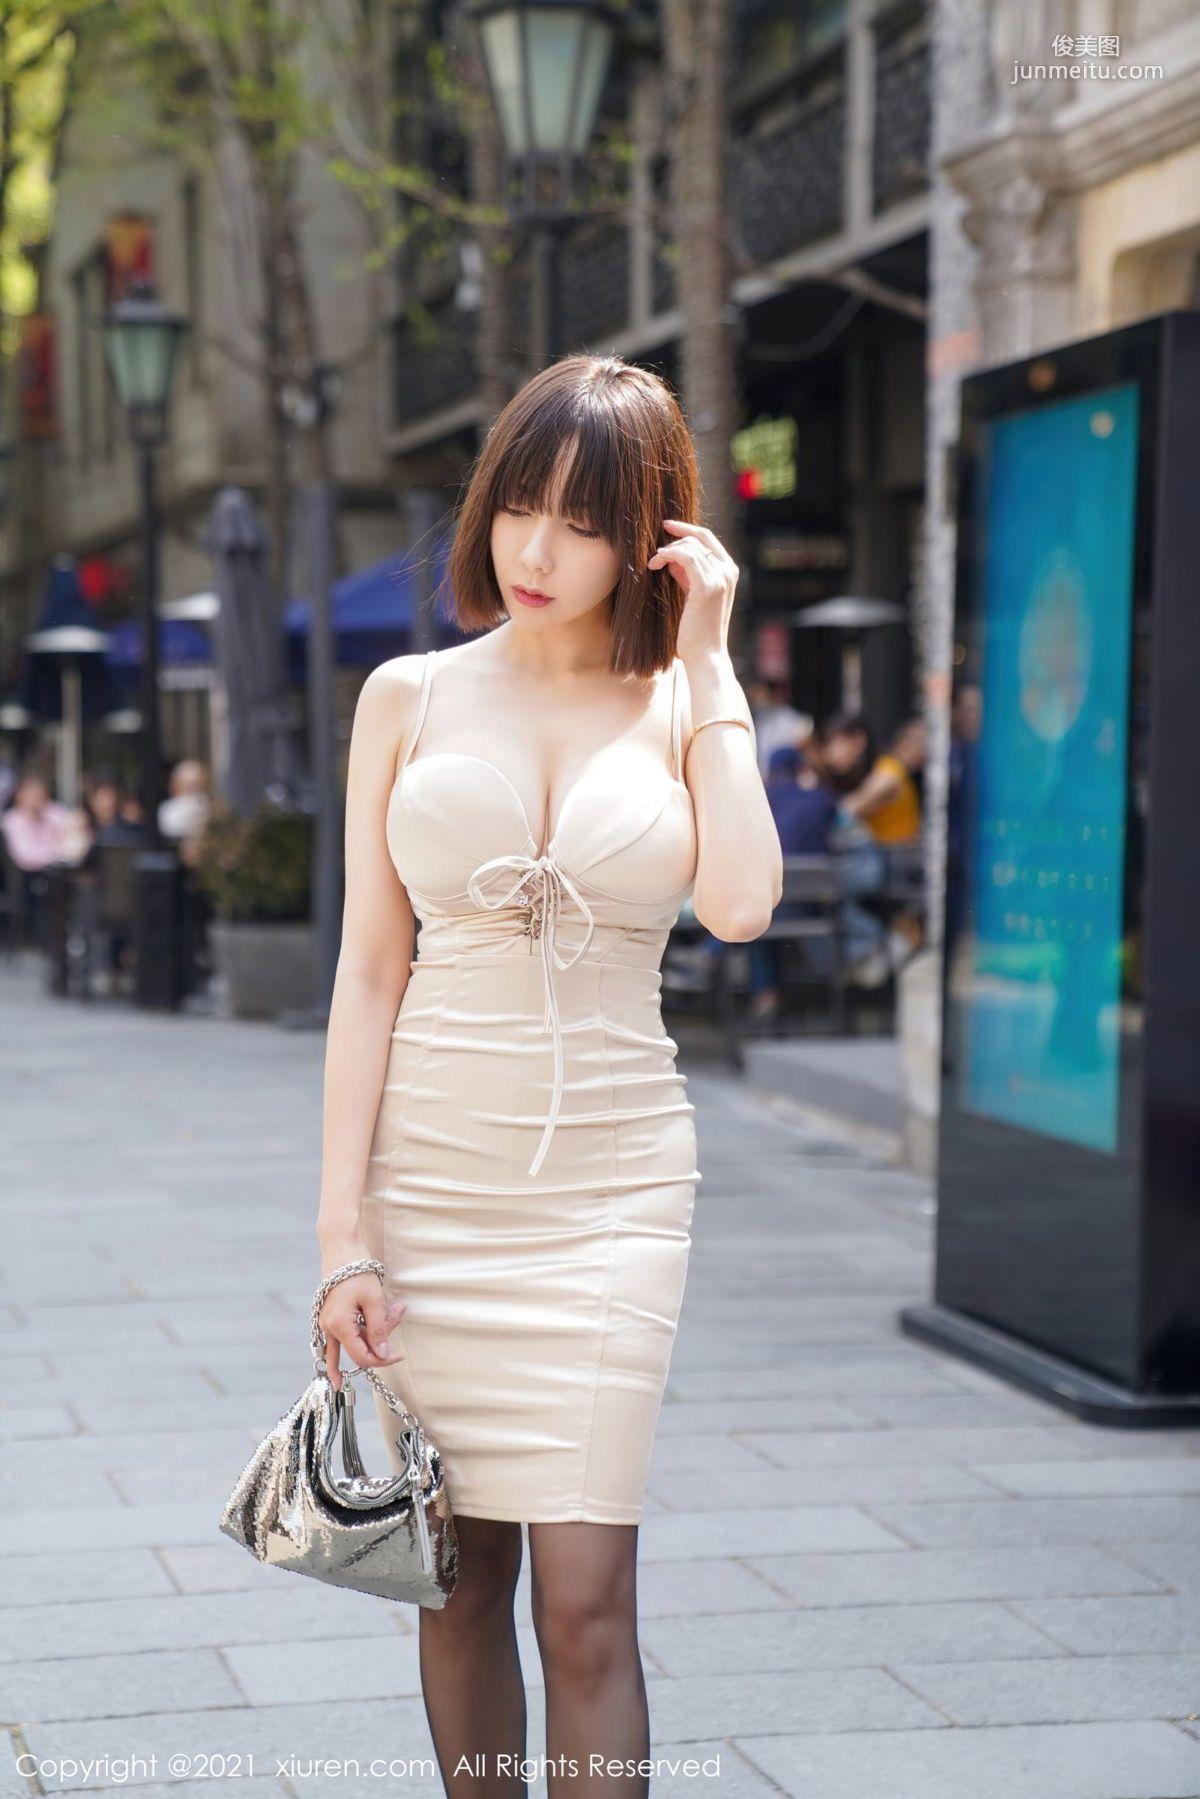 御姐果儿Victoria 深V吊裙蕾丝吊袜_0